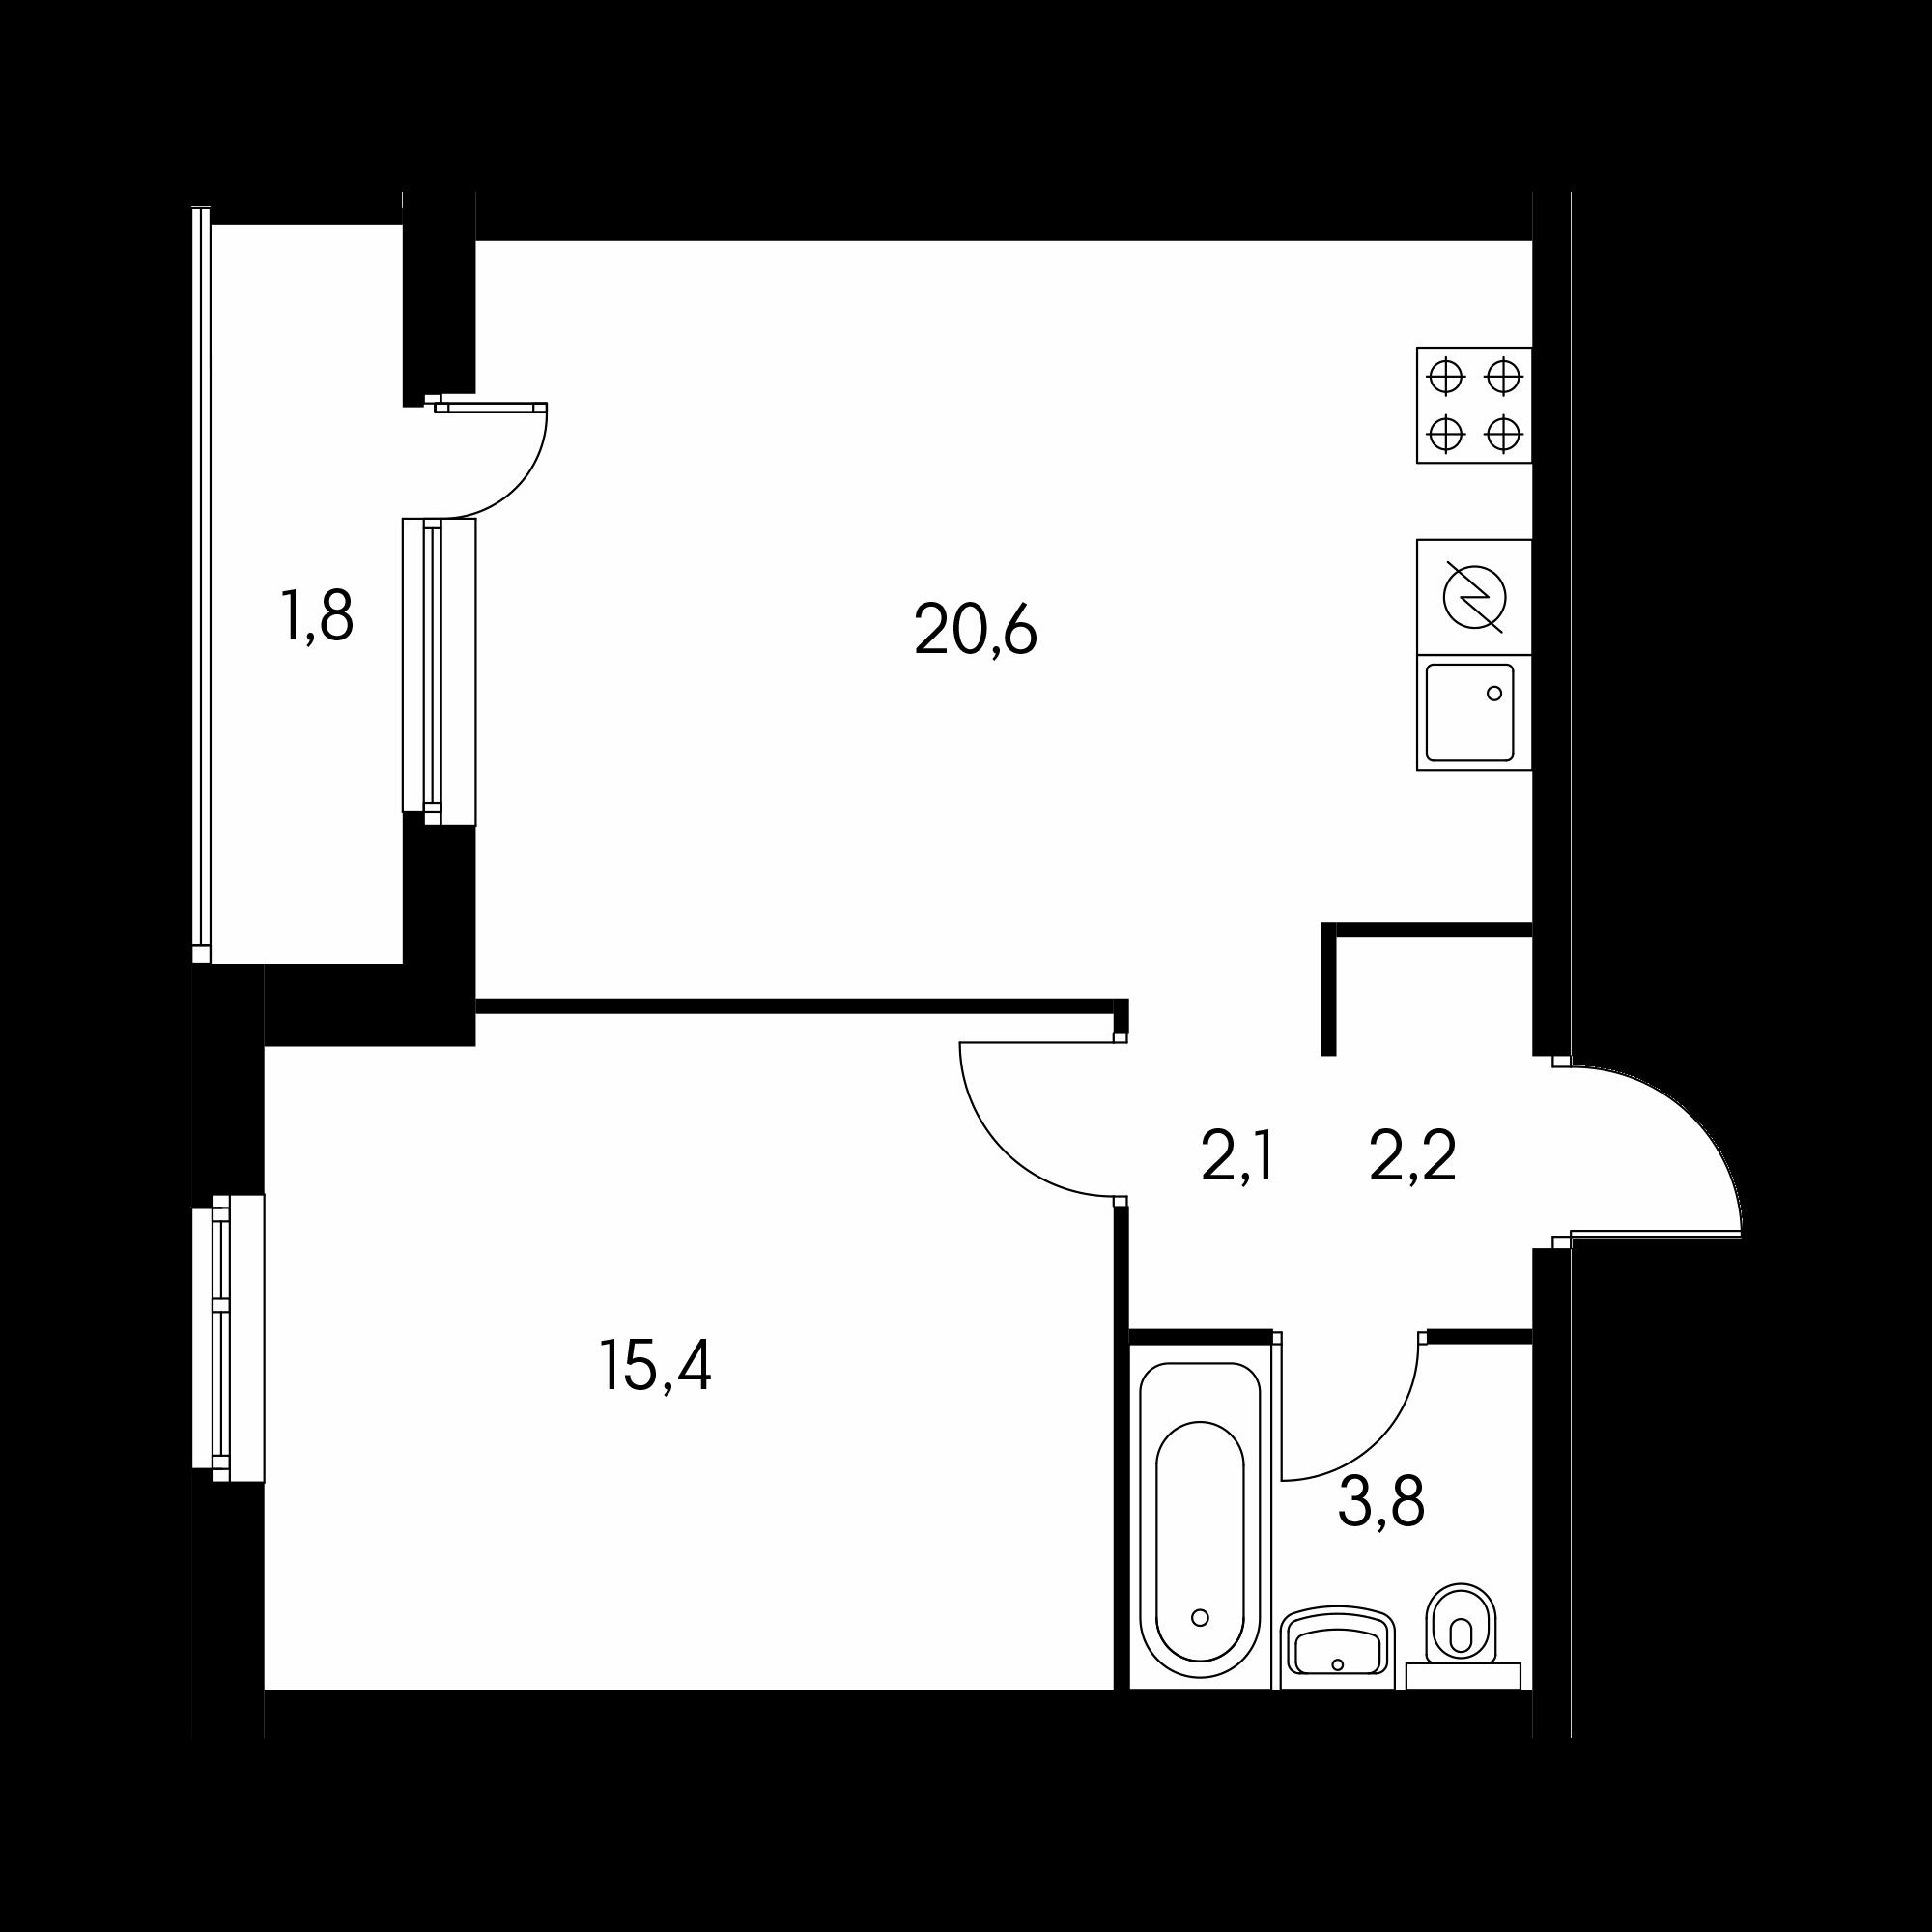 1EL1_L